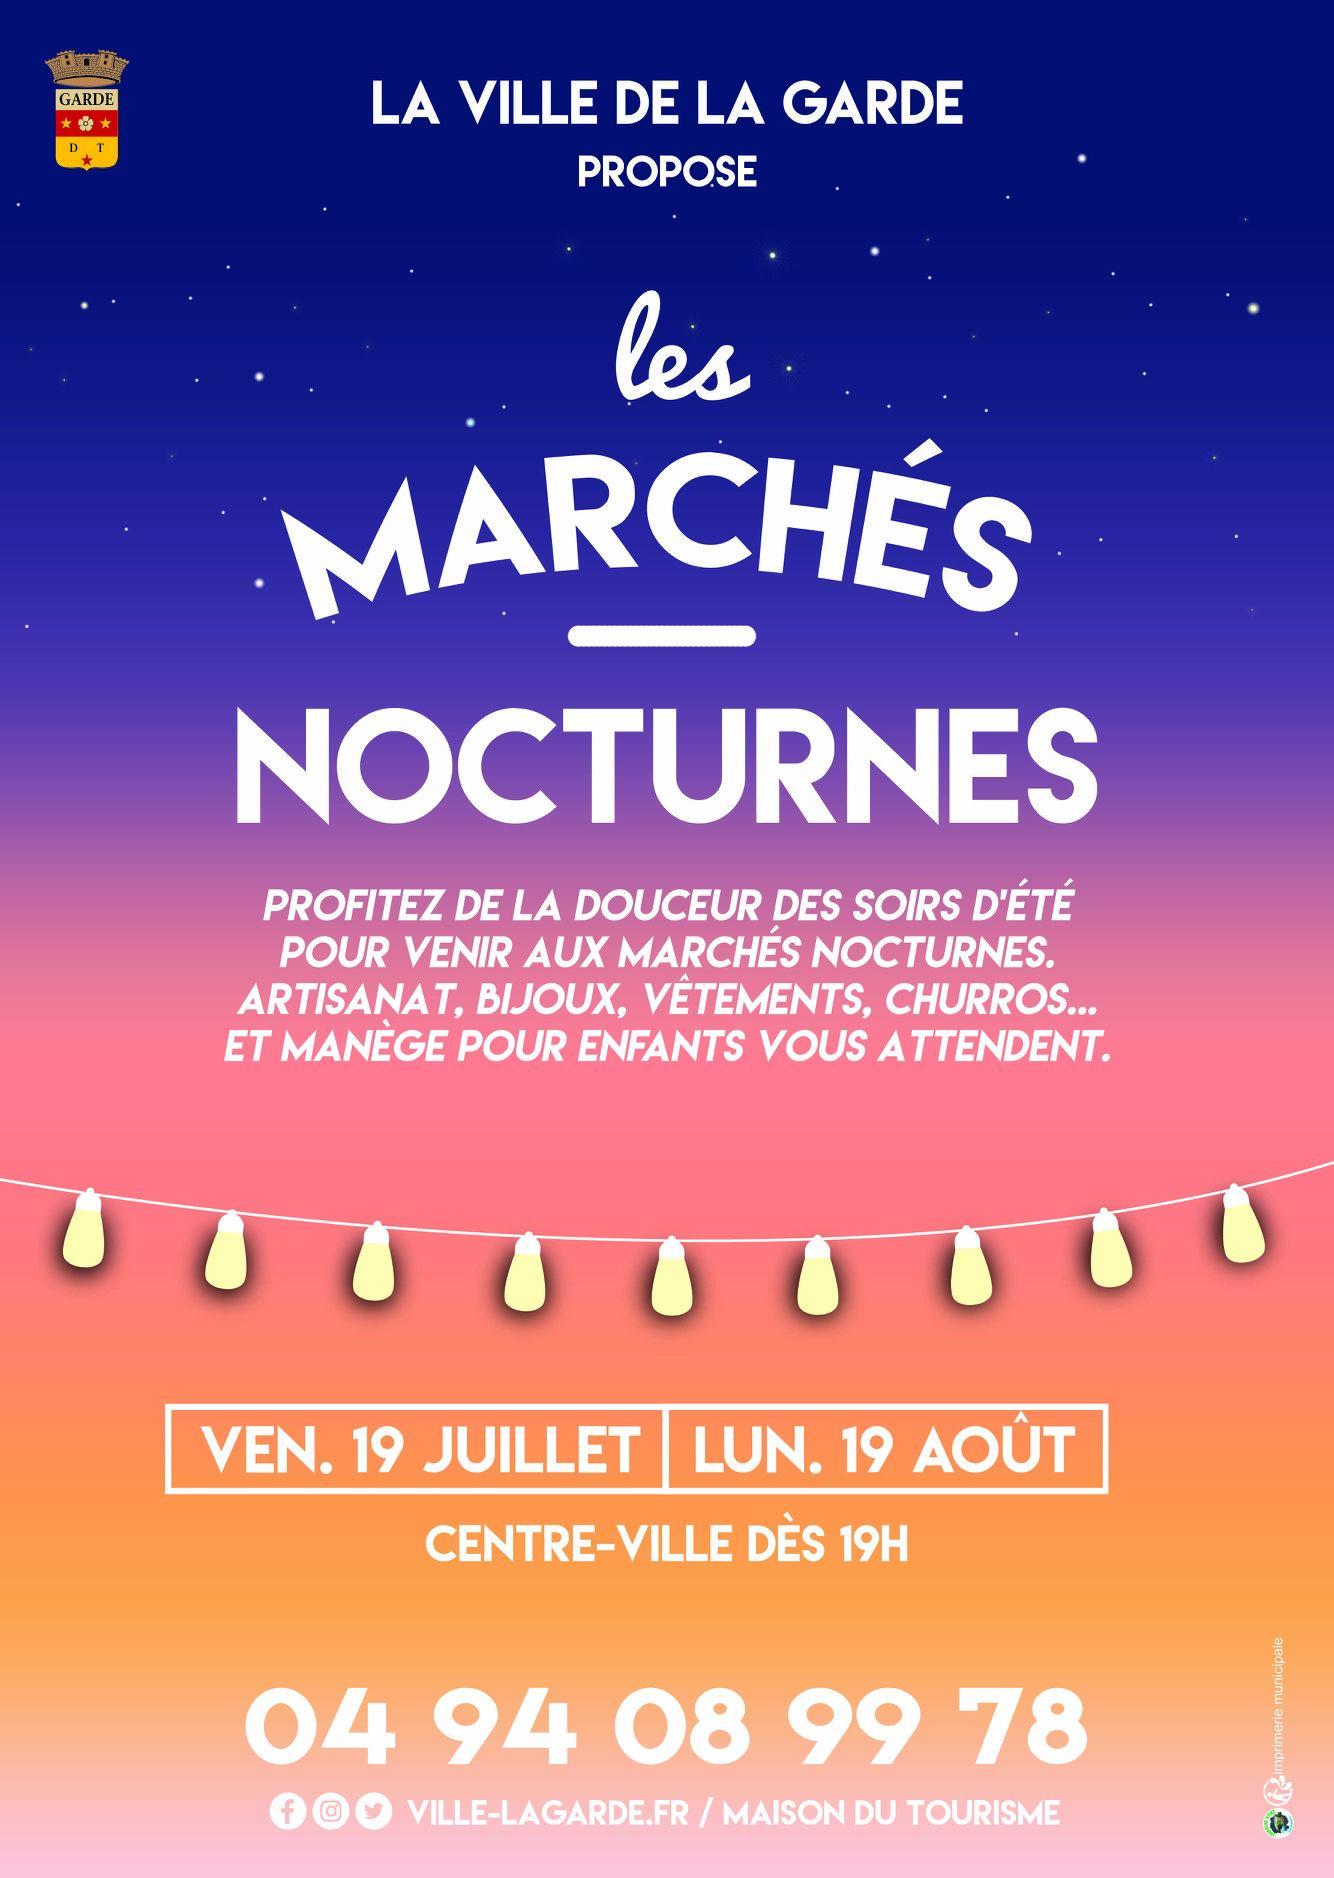 Marché nocturne de La Garde le 19 août